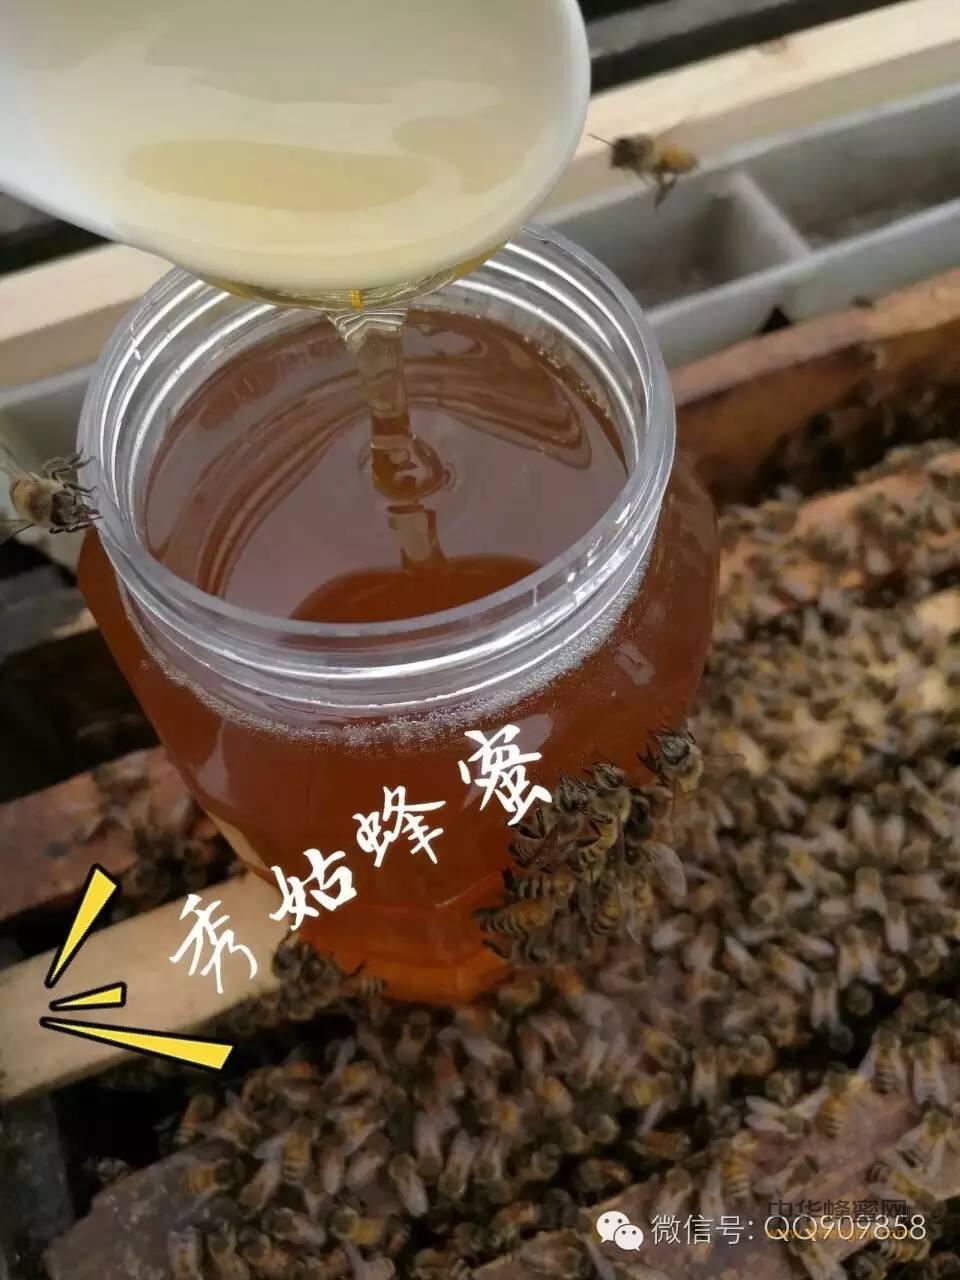 【蜂蜜柚子】_蜂蜜怎么吃营养价值高?